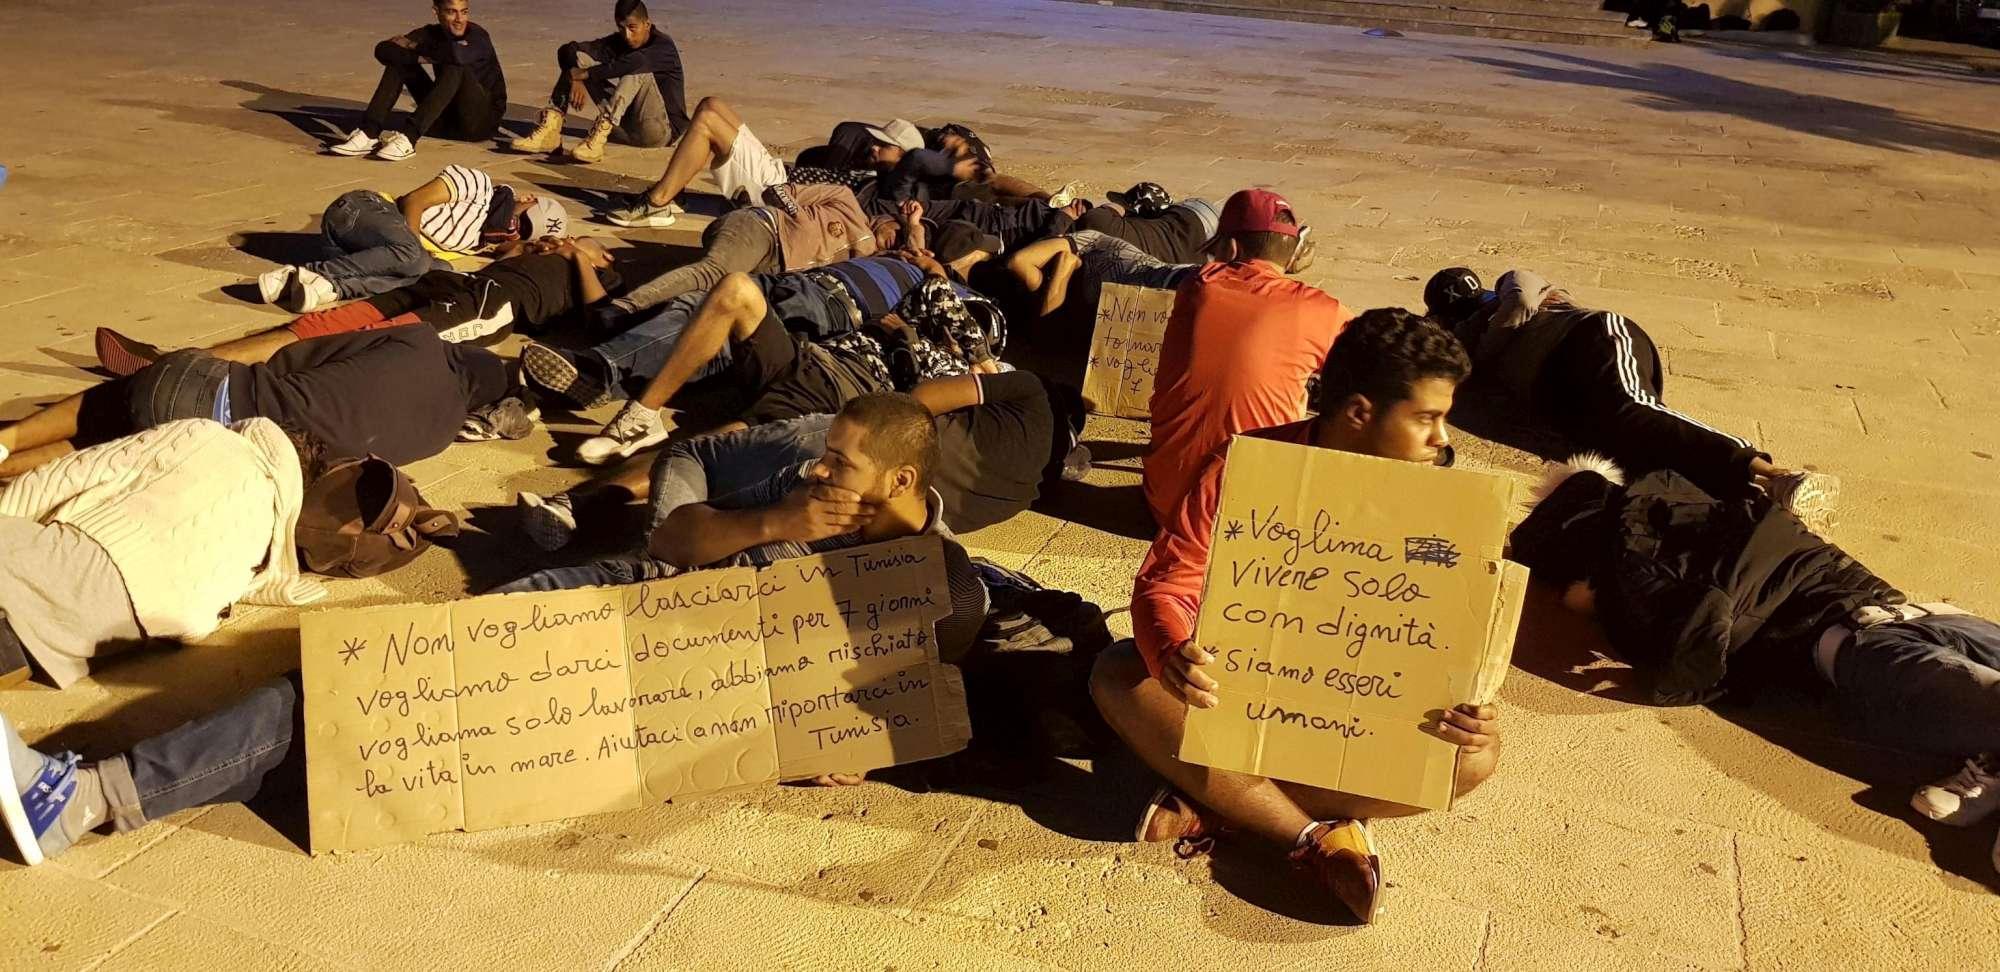 Migranti, a Lampedusa tunisini dormono in strada:  Non rimpatriateci